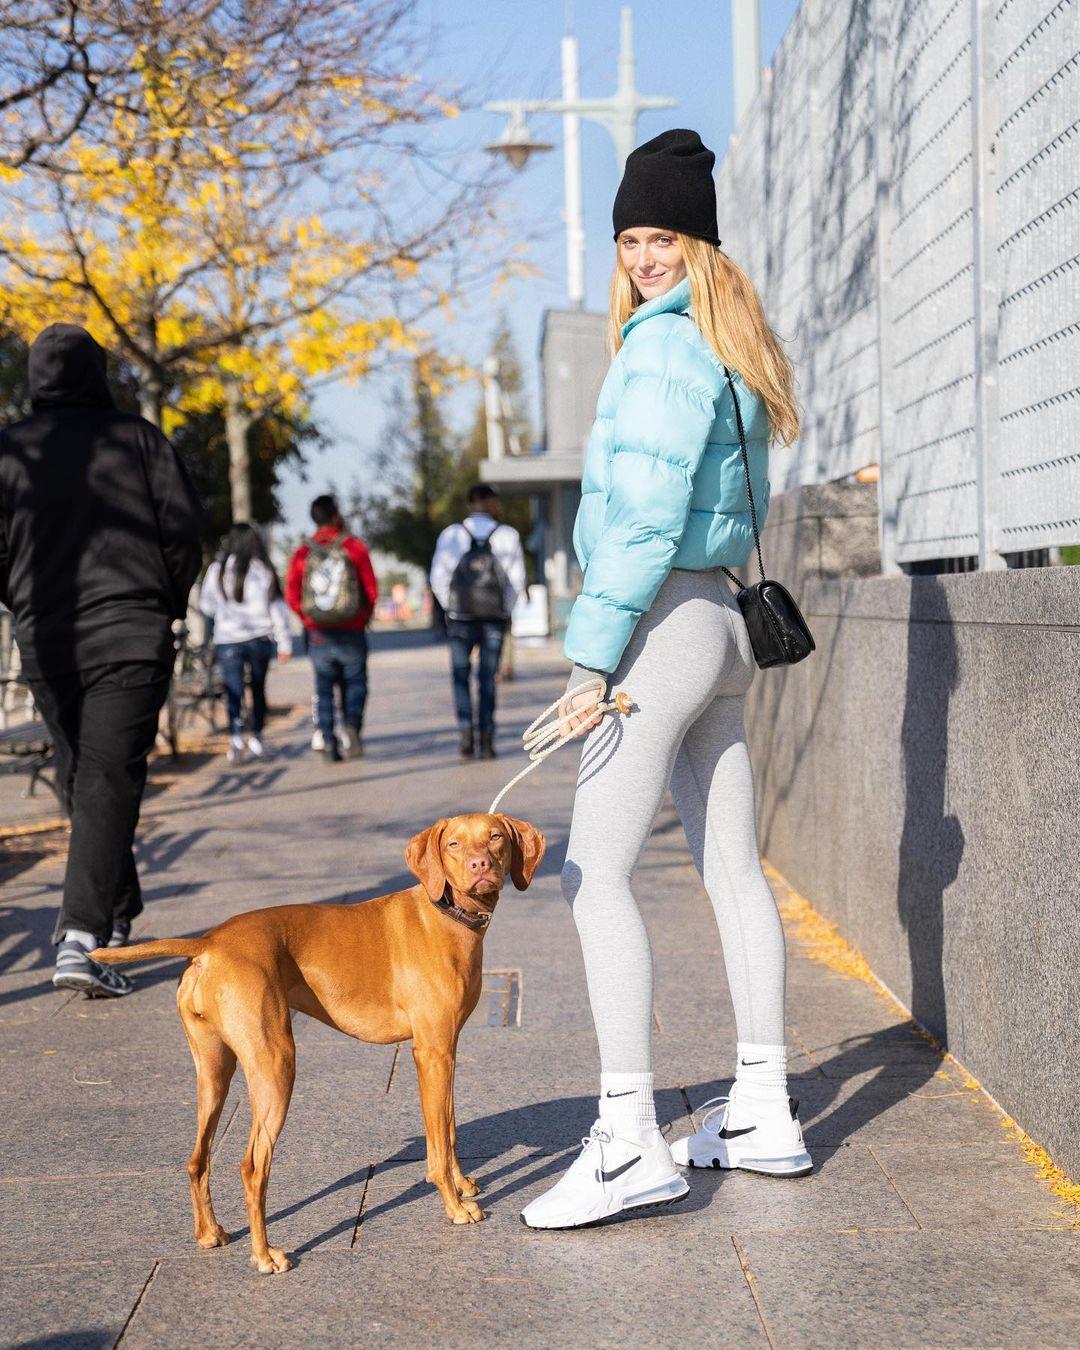 冬天的一抹亮色!乐福女友晒自己带狗狗出街的照片